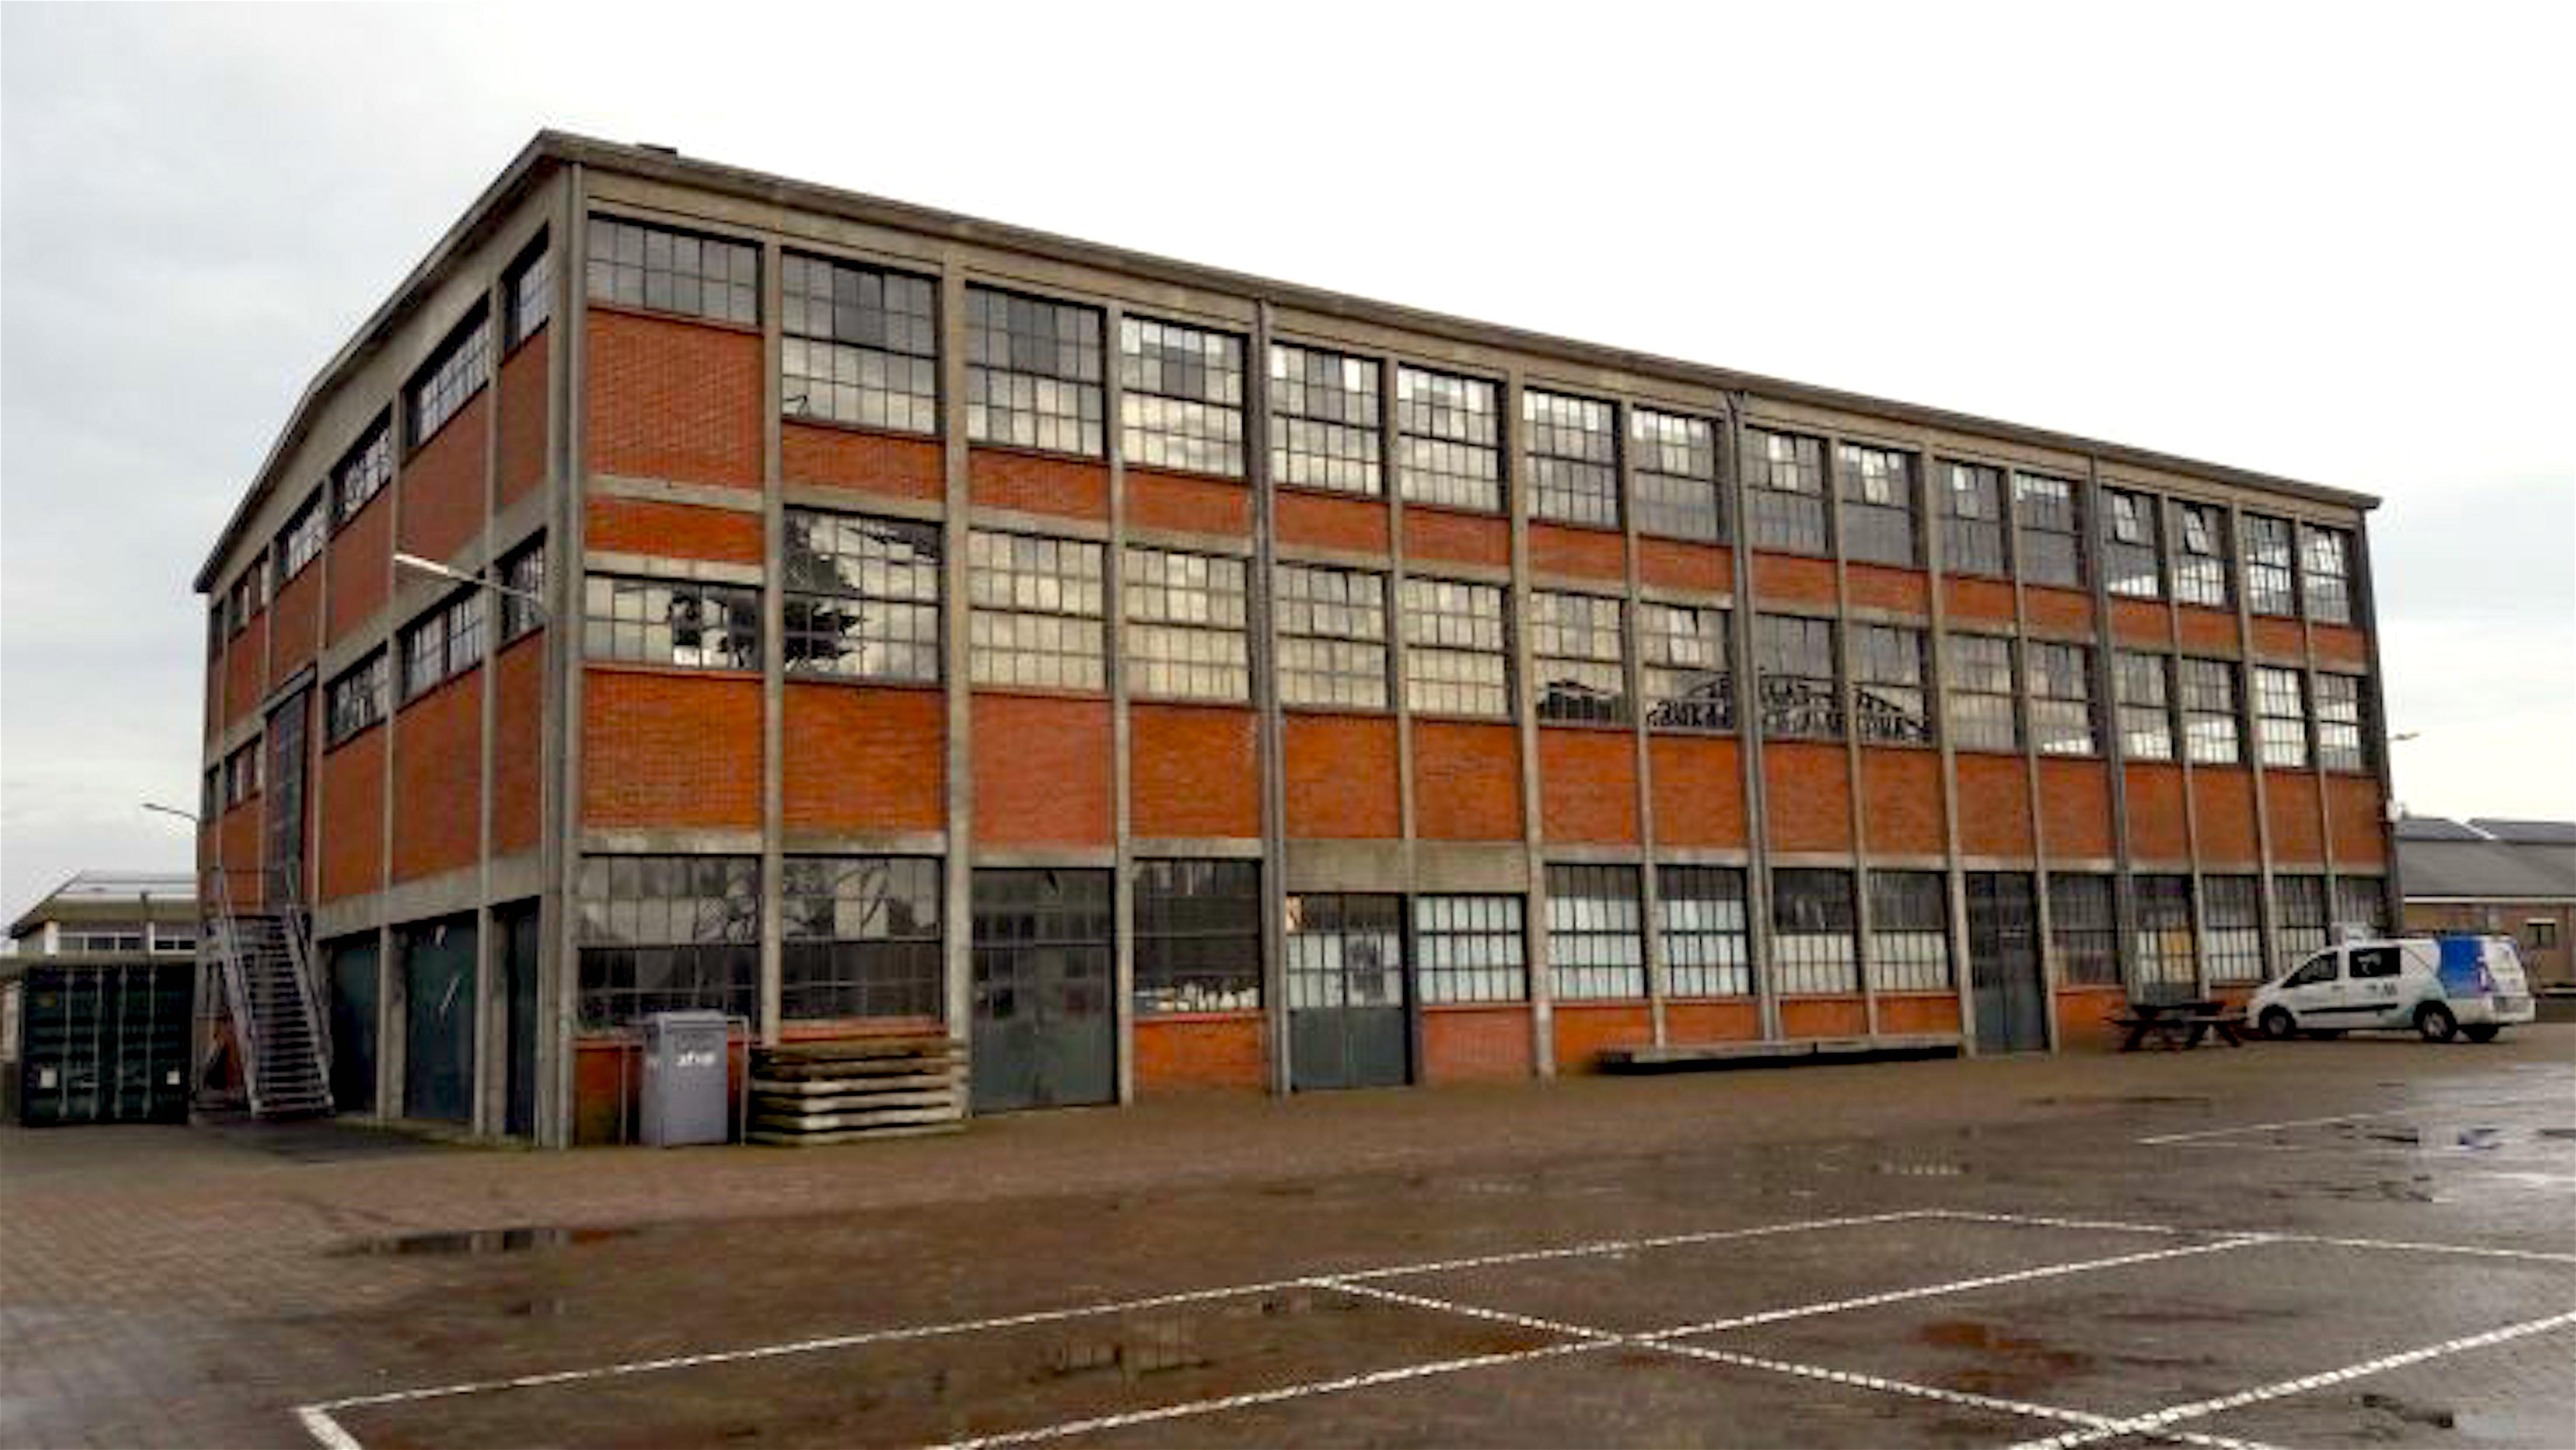 ORW gebouw 72 in beeld als locatie voor het stadhuis (foto L.O.S. Den Helder)